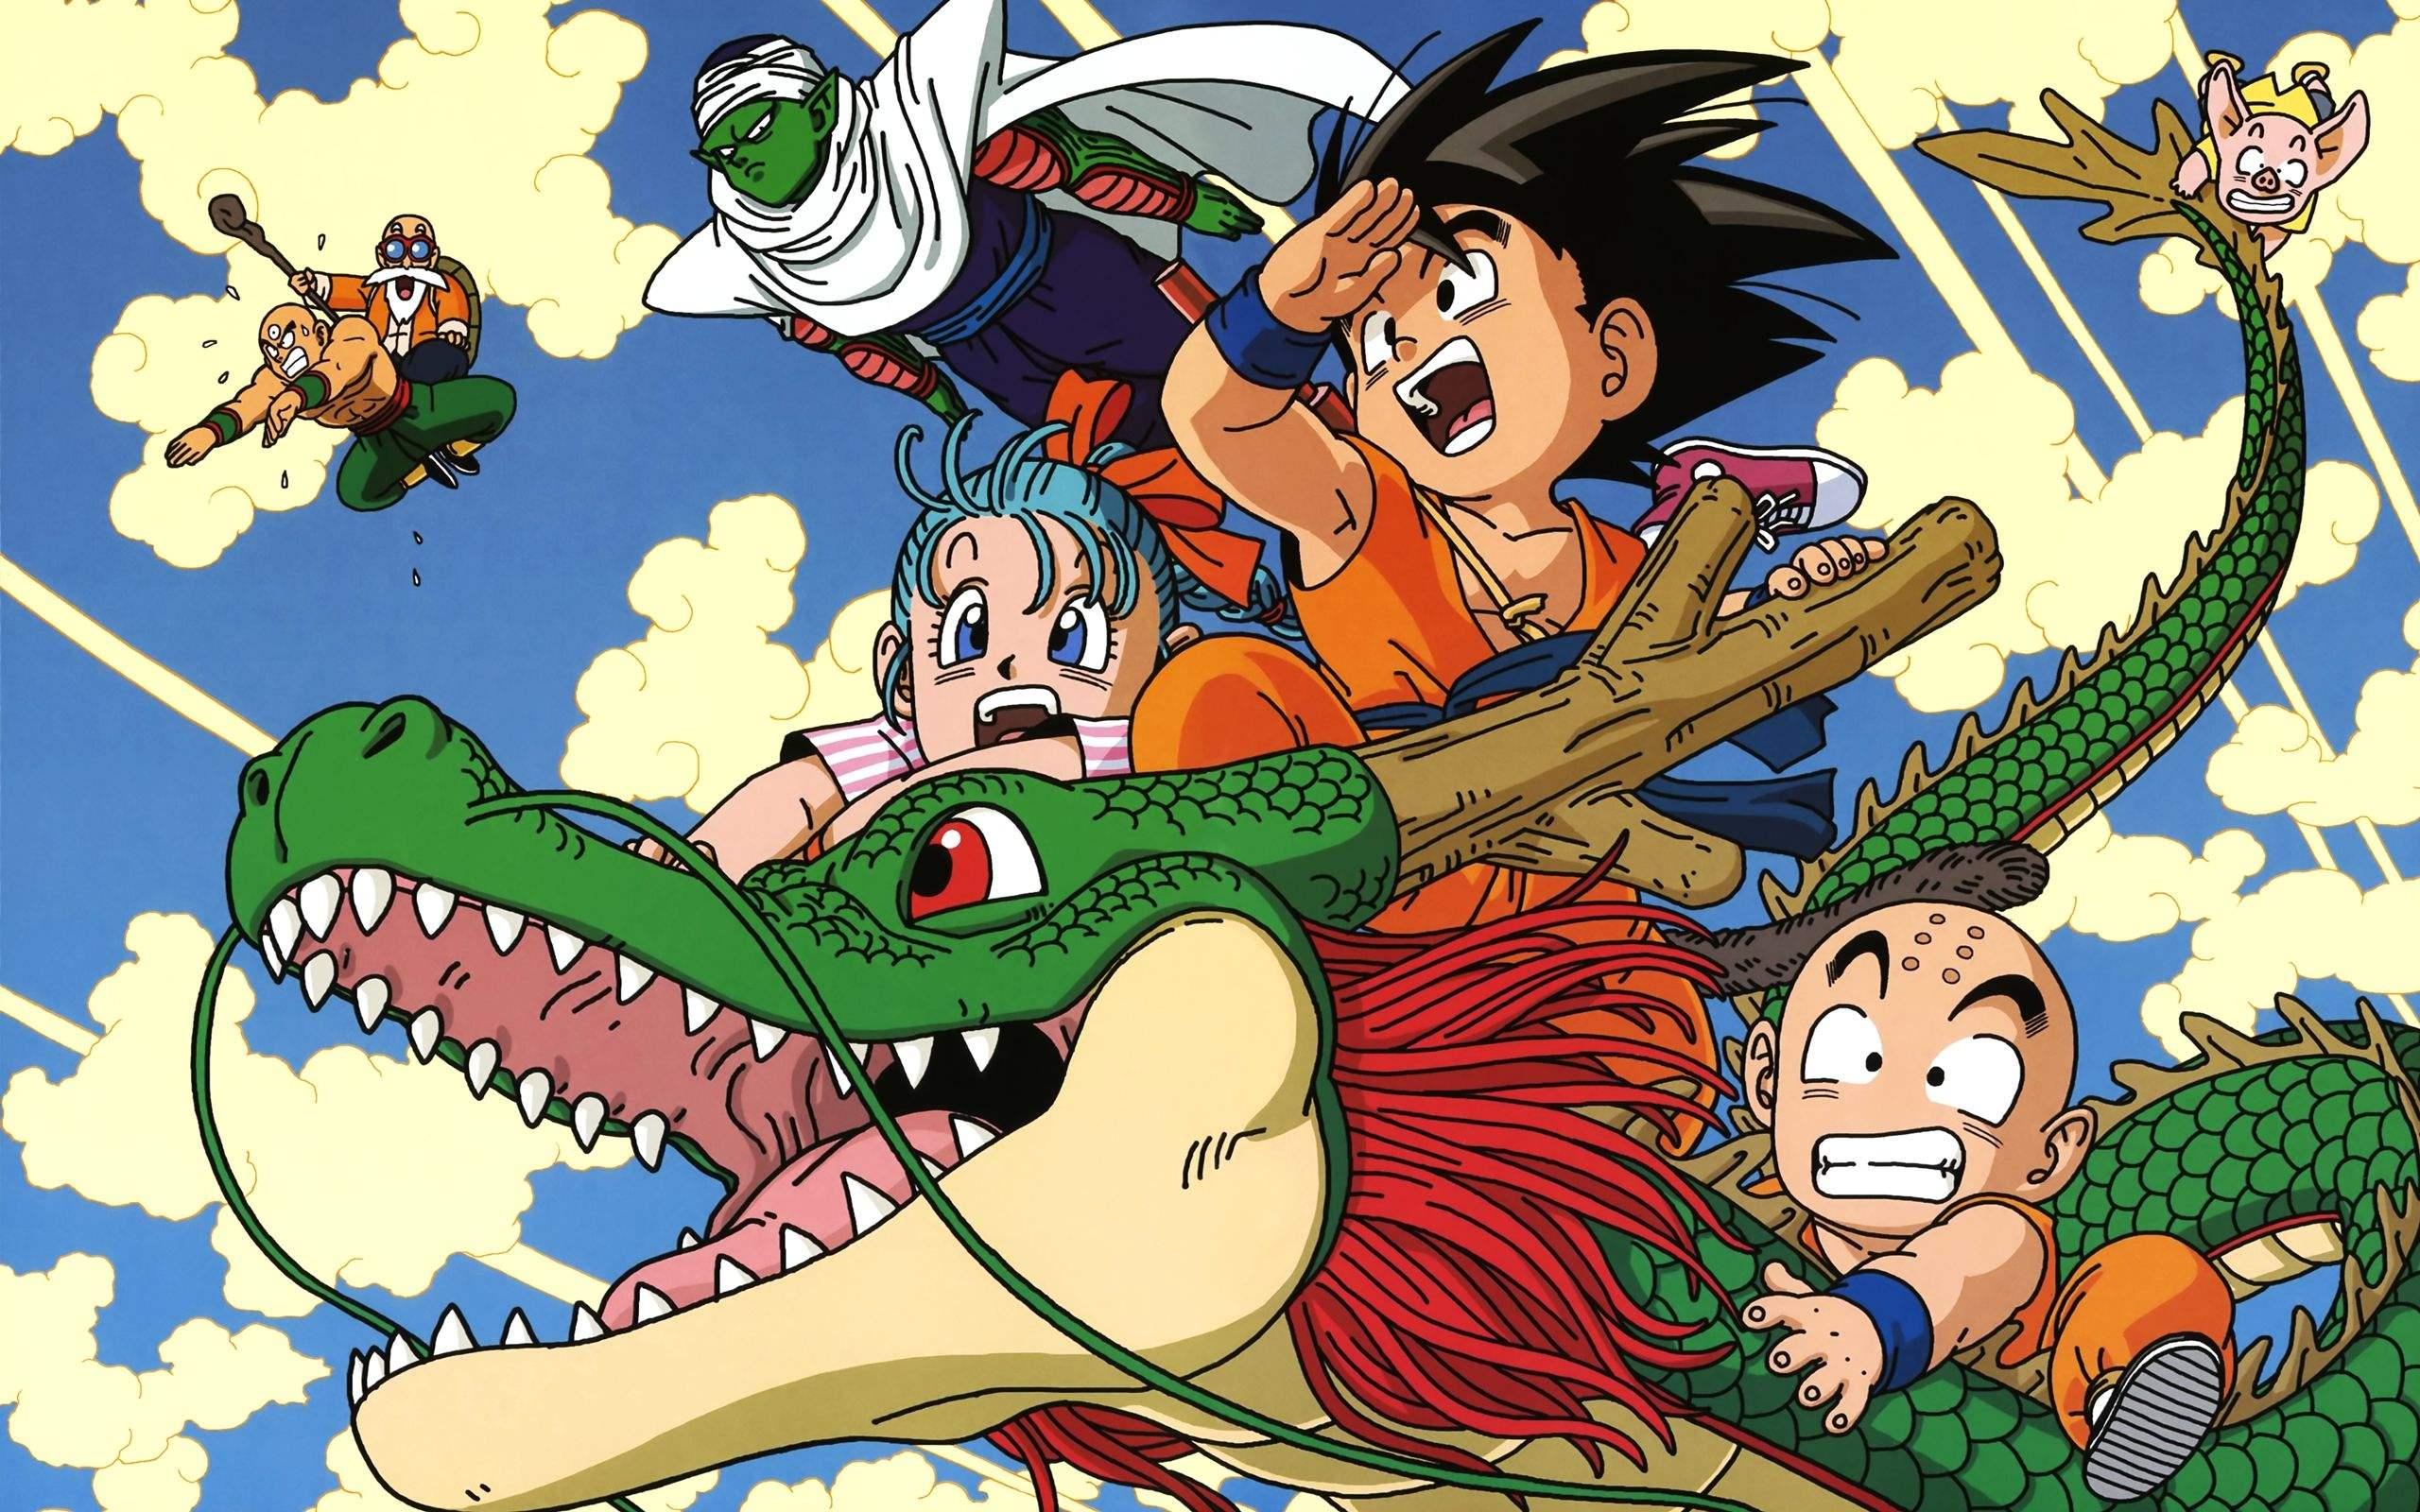 童年的回忆:七龙珠漫画全集-吐槽福利